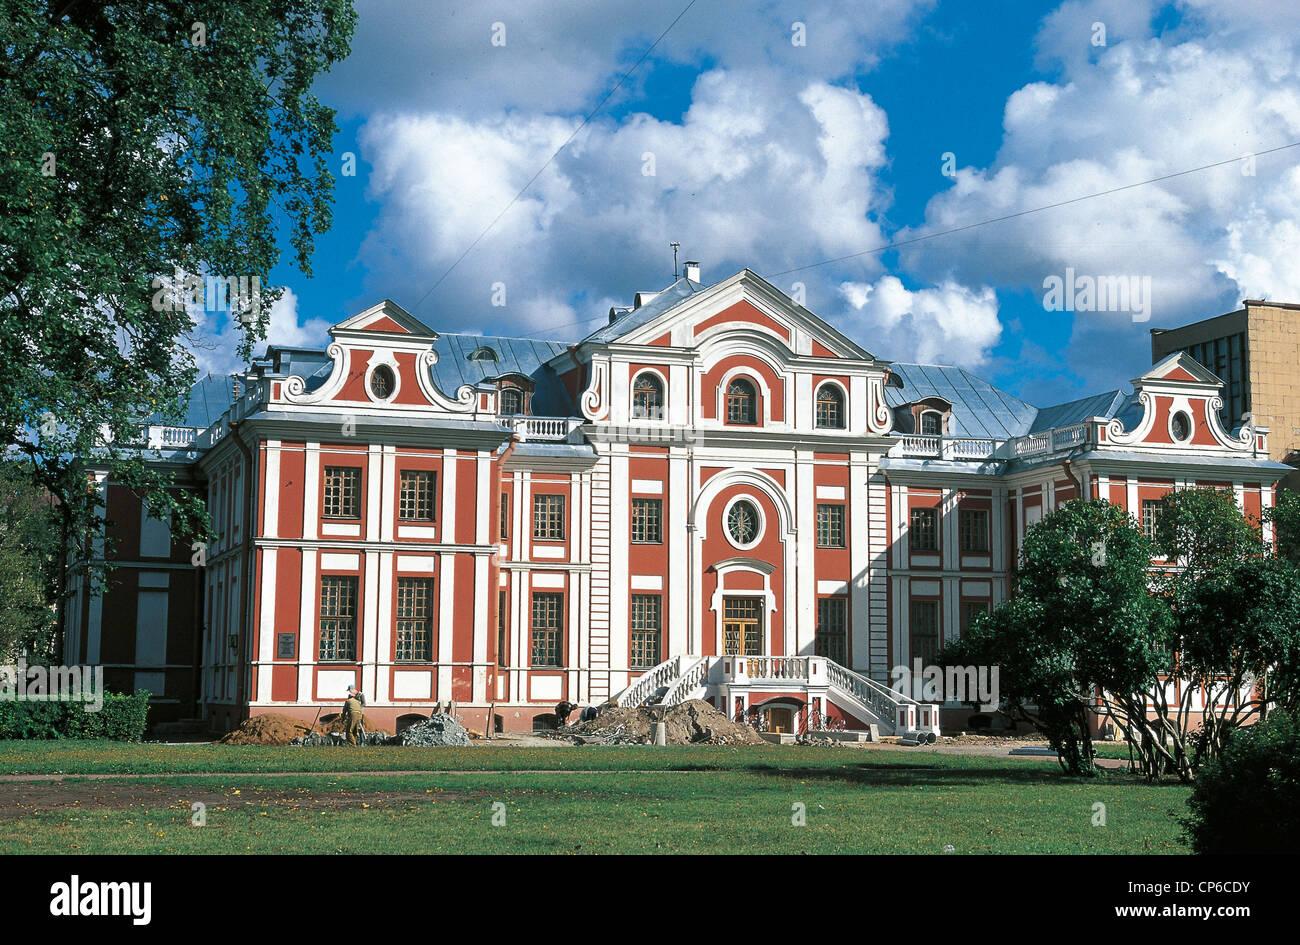 Russland st petersburg der palast kikin 1714 architekt andreas schl ter 1664 1714 - Schluter architekt ...